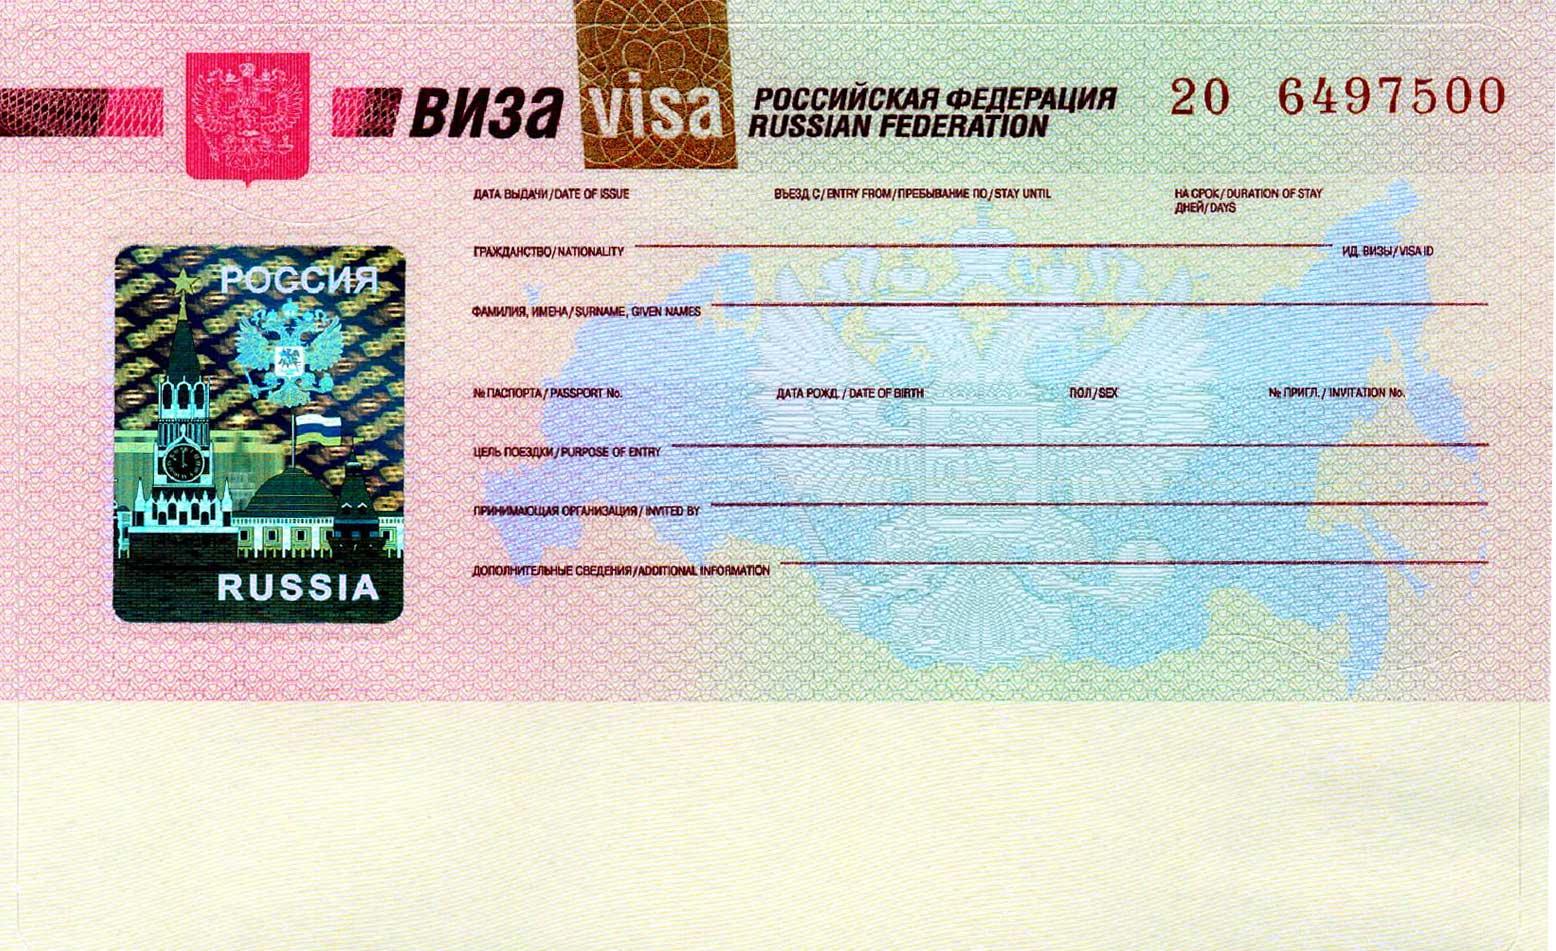 [SLK-TOUR] Оформление финской шенгенской визы,